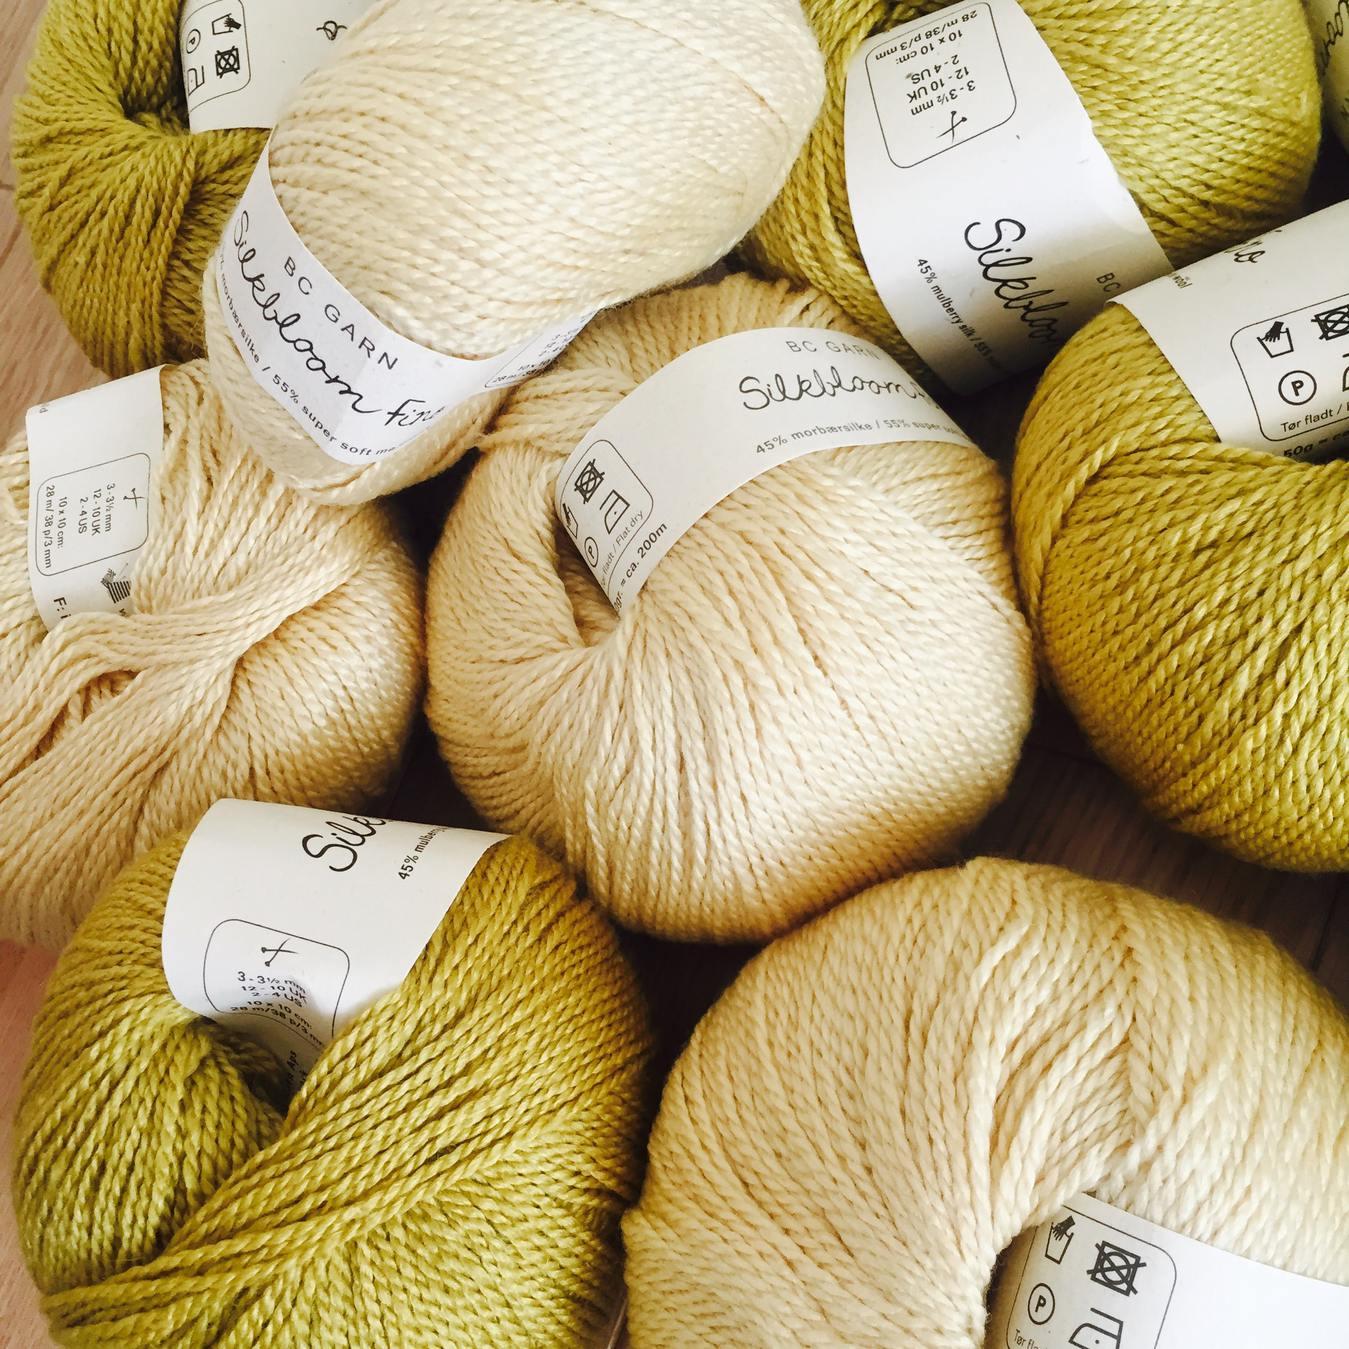 Conjunto de bolas de lã em diferentes cores